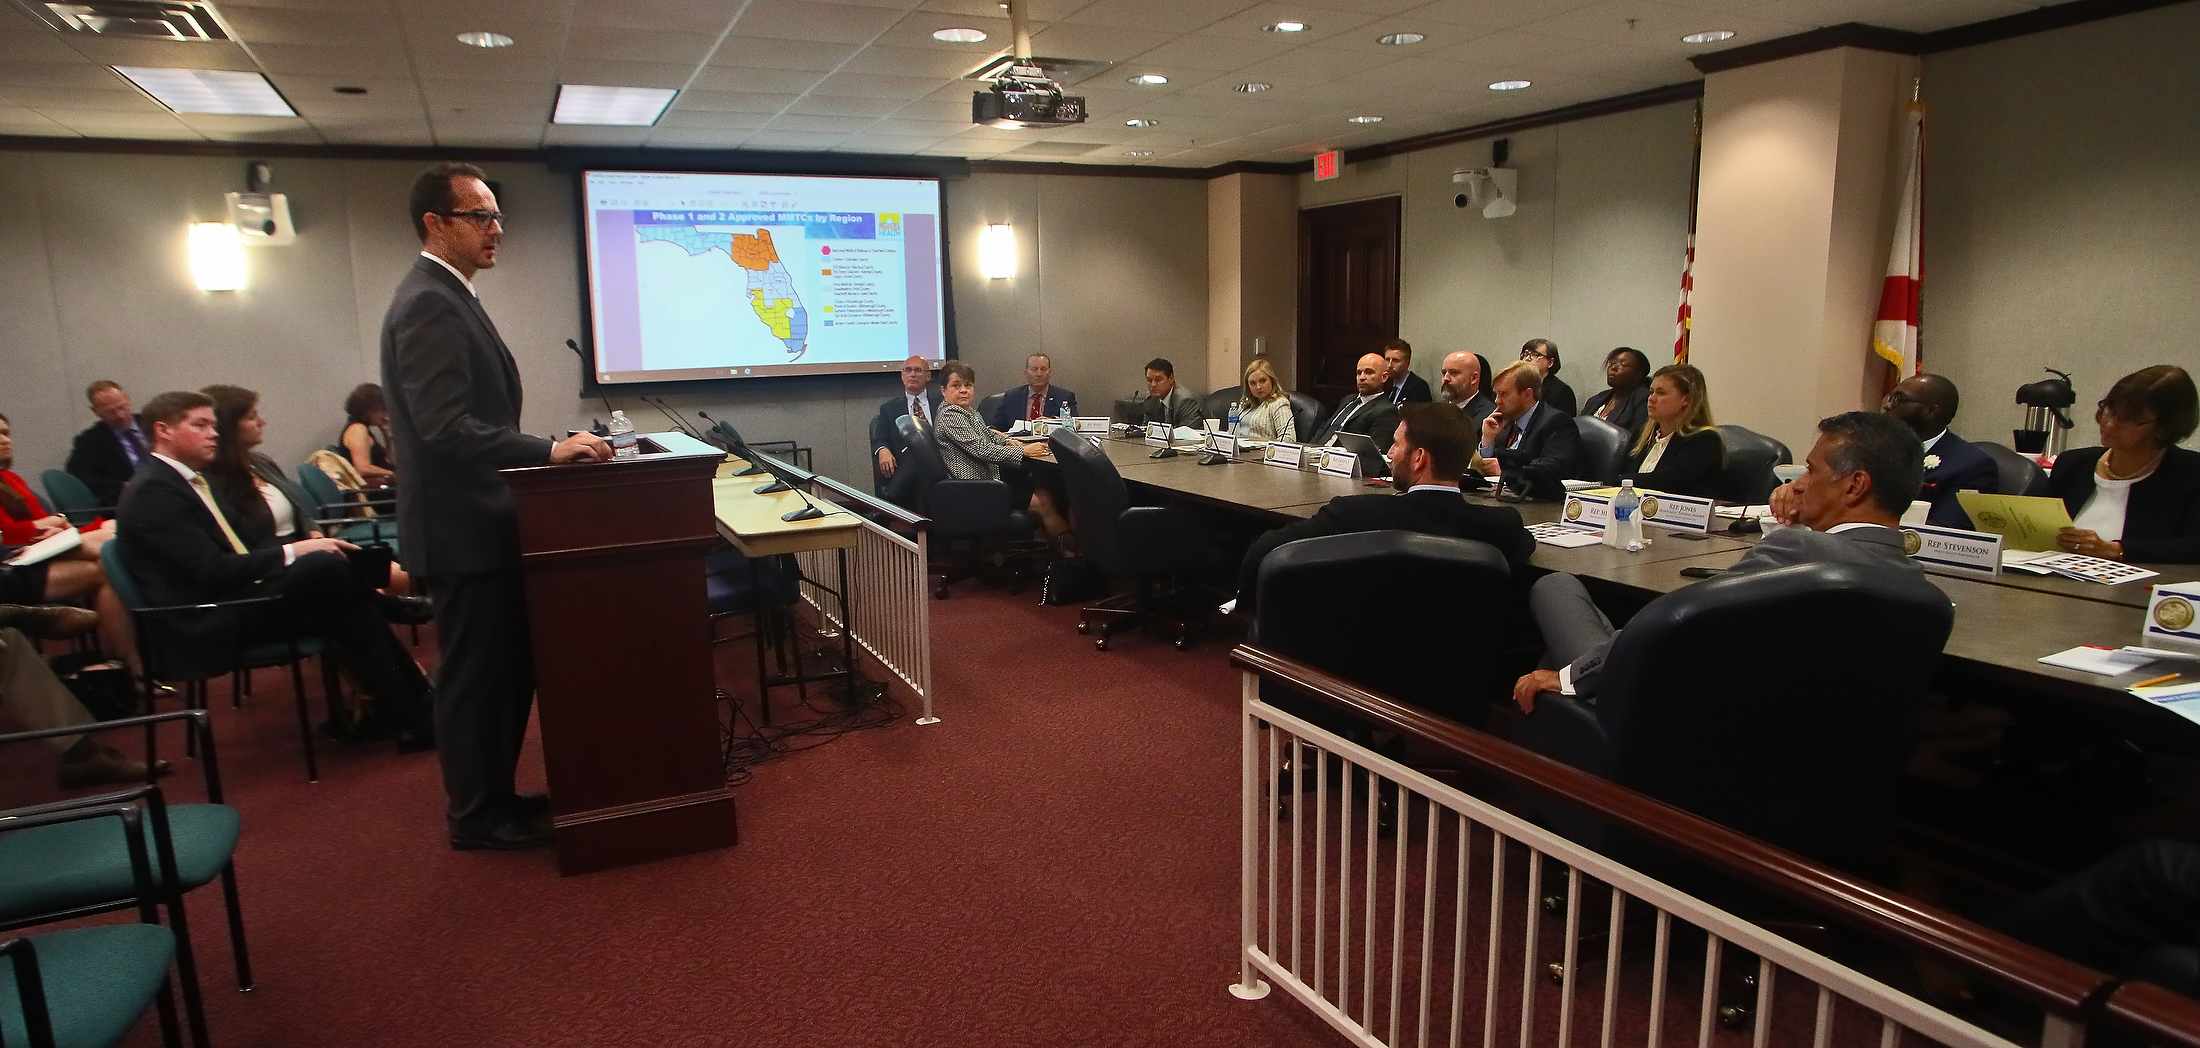 Legislative-Committees-23-ps-101117.jpg